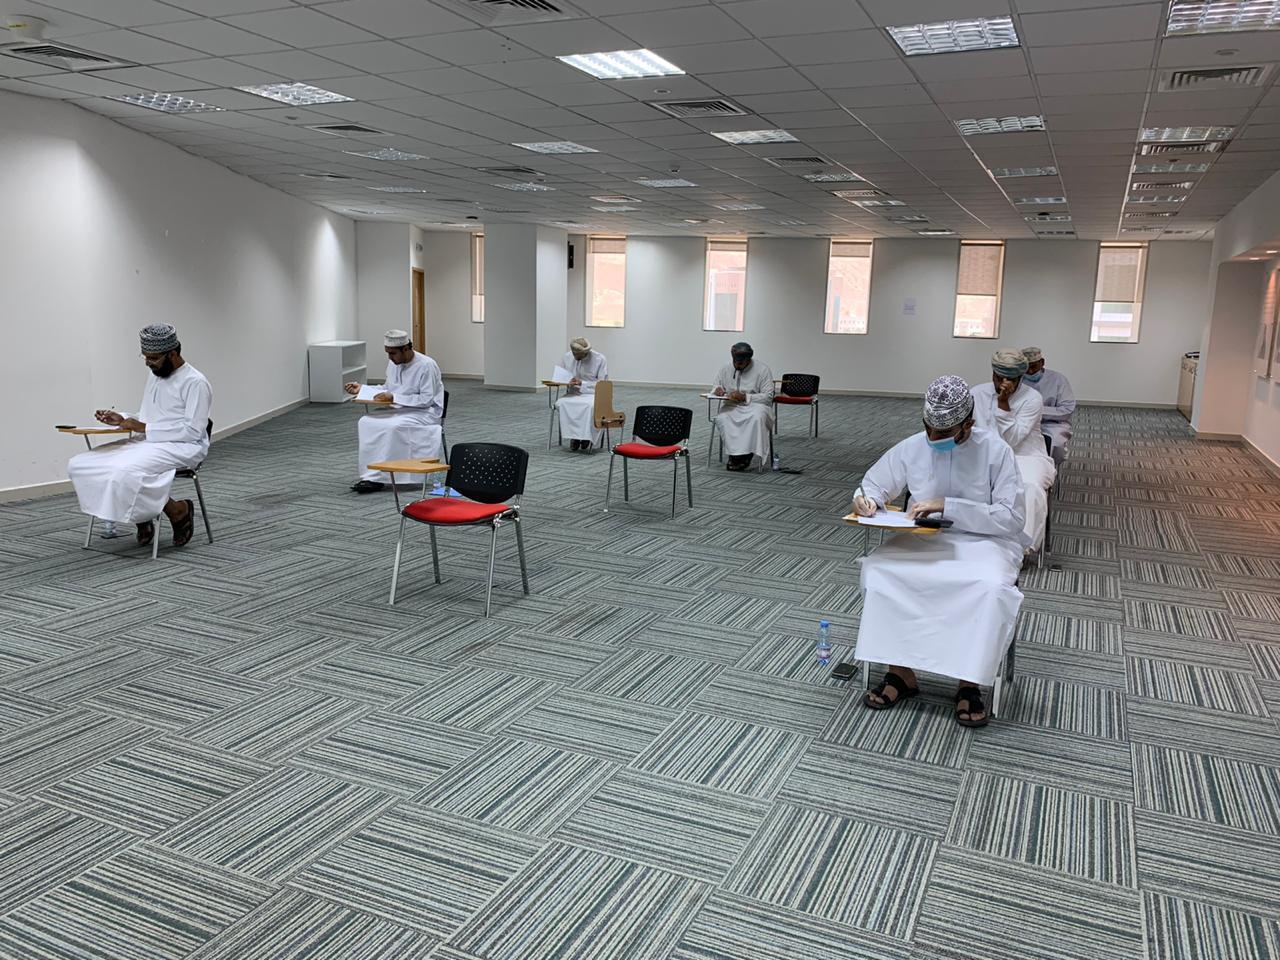 المركز الوطني للتشغيل: حضور 14 باحث عن عمل من أصل 20 اليوم لإجراء اختبار وظيفي